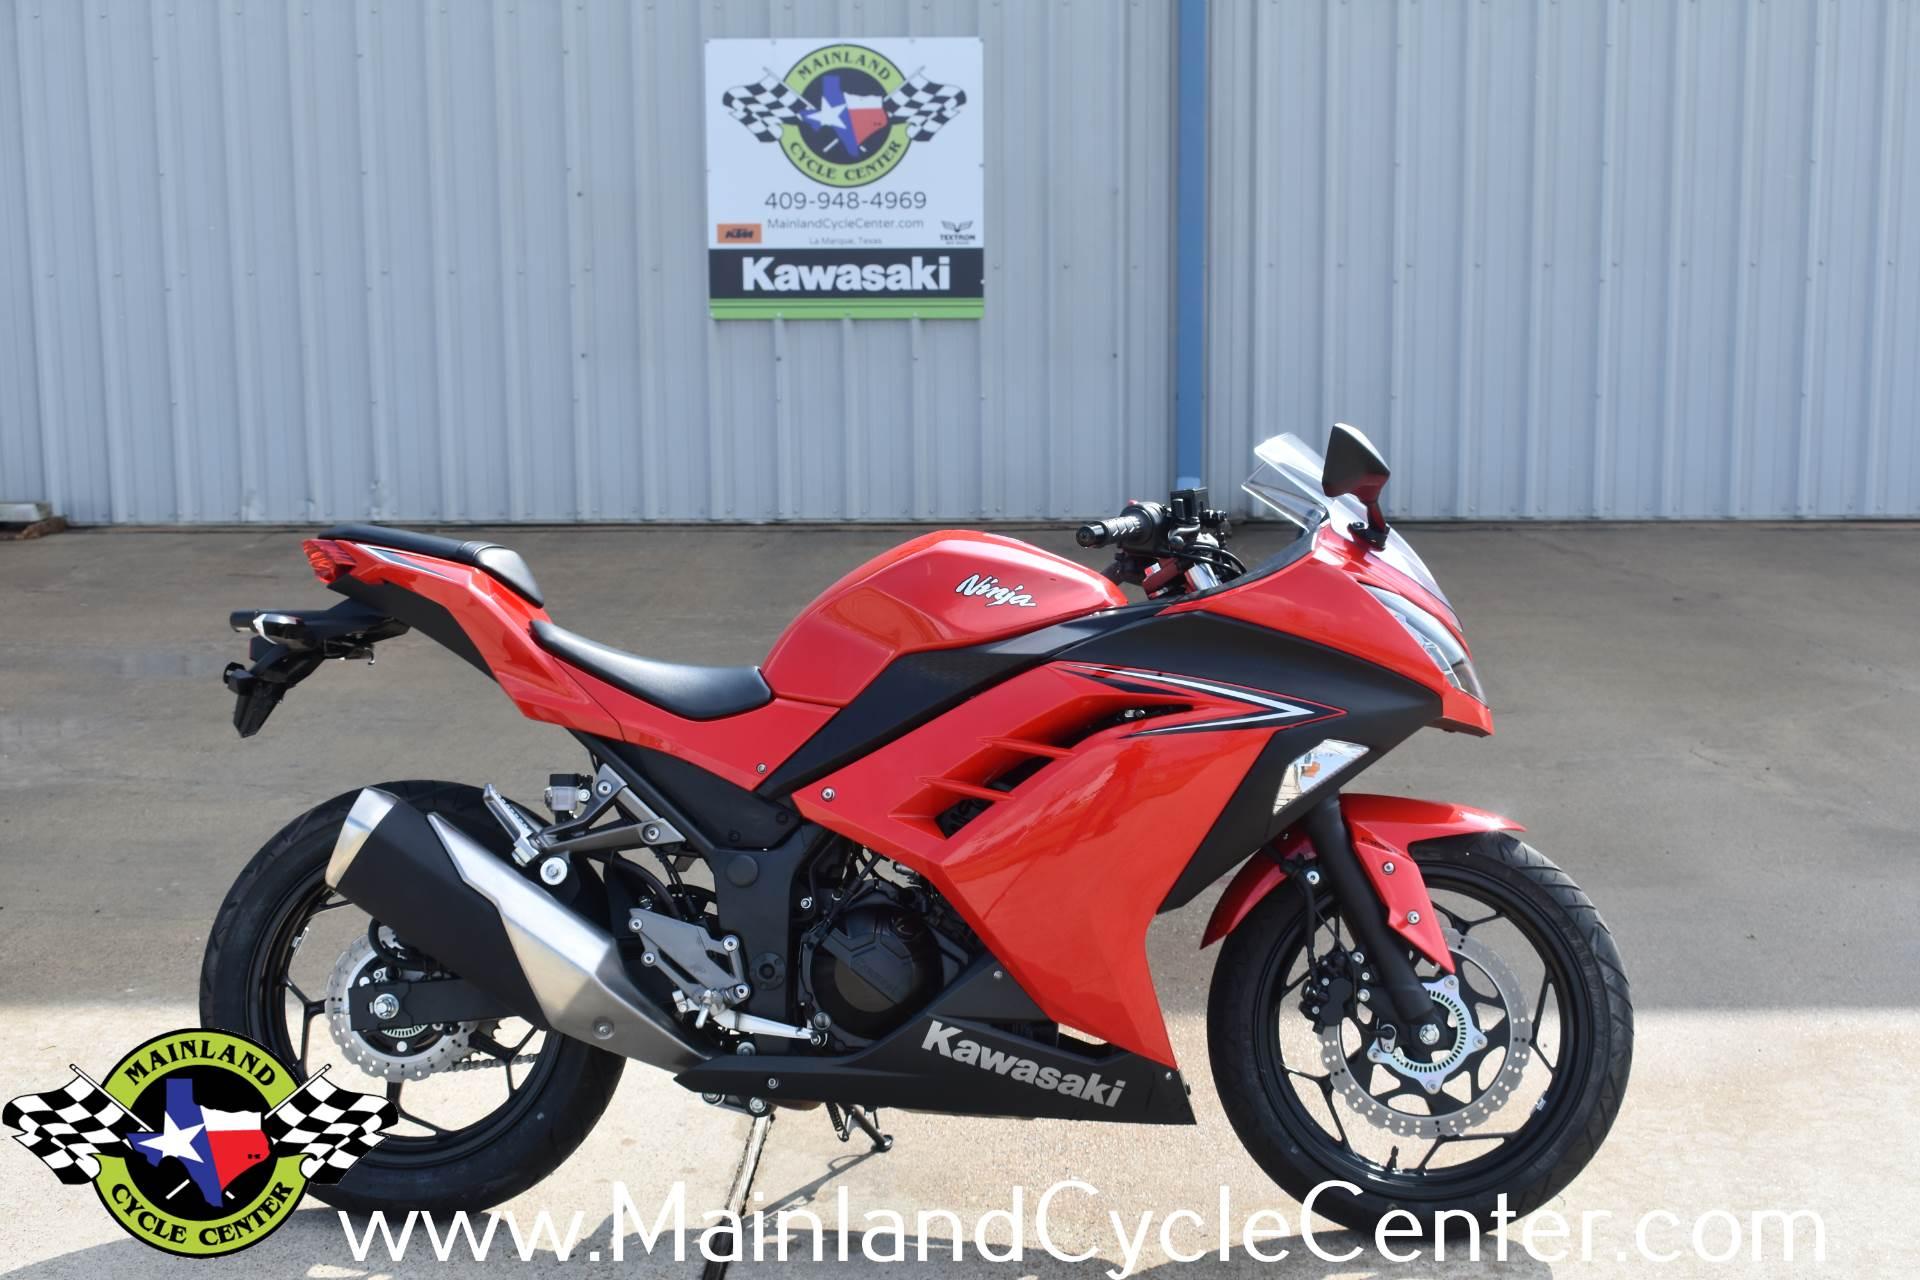 2016 Kawasaki Ninja 300 ABS for sale 537